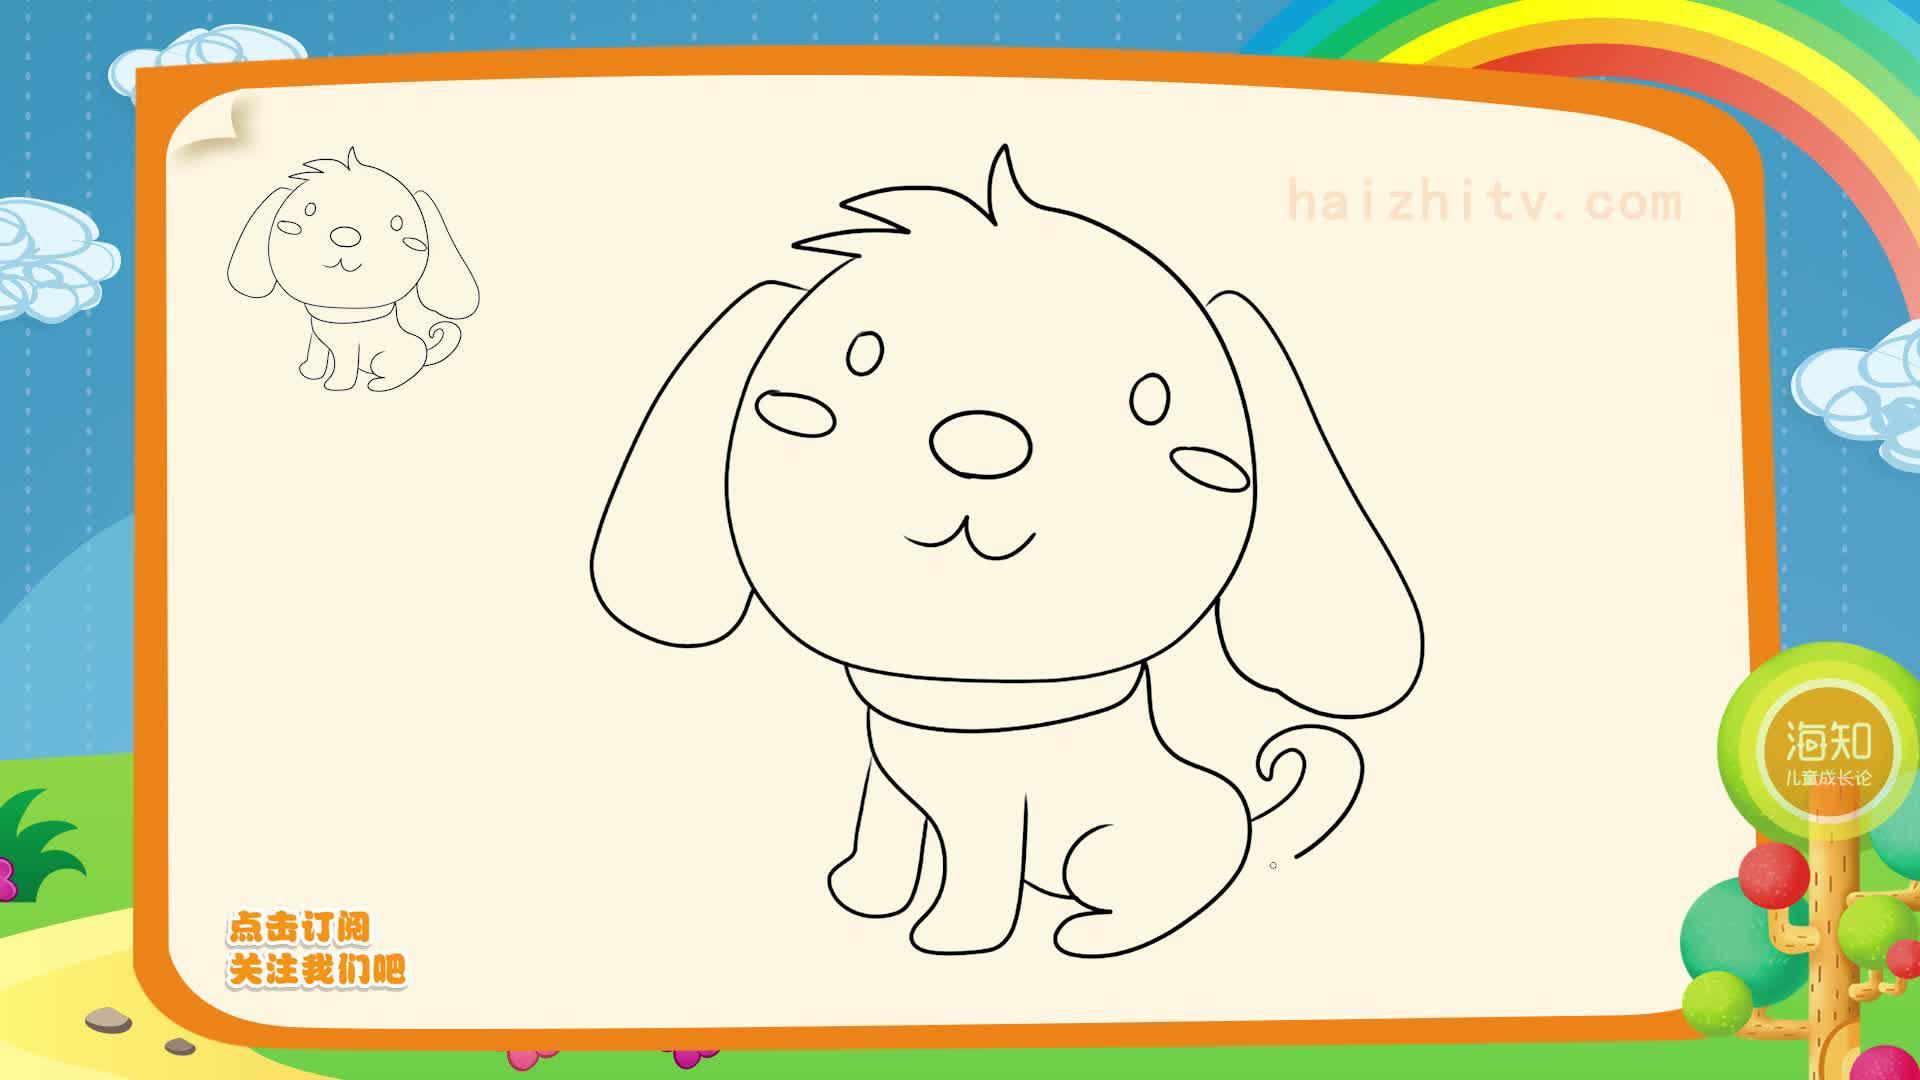 动物简笔画教程,如何画活波可爱的小狗,海知简笔画大全